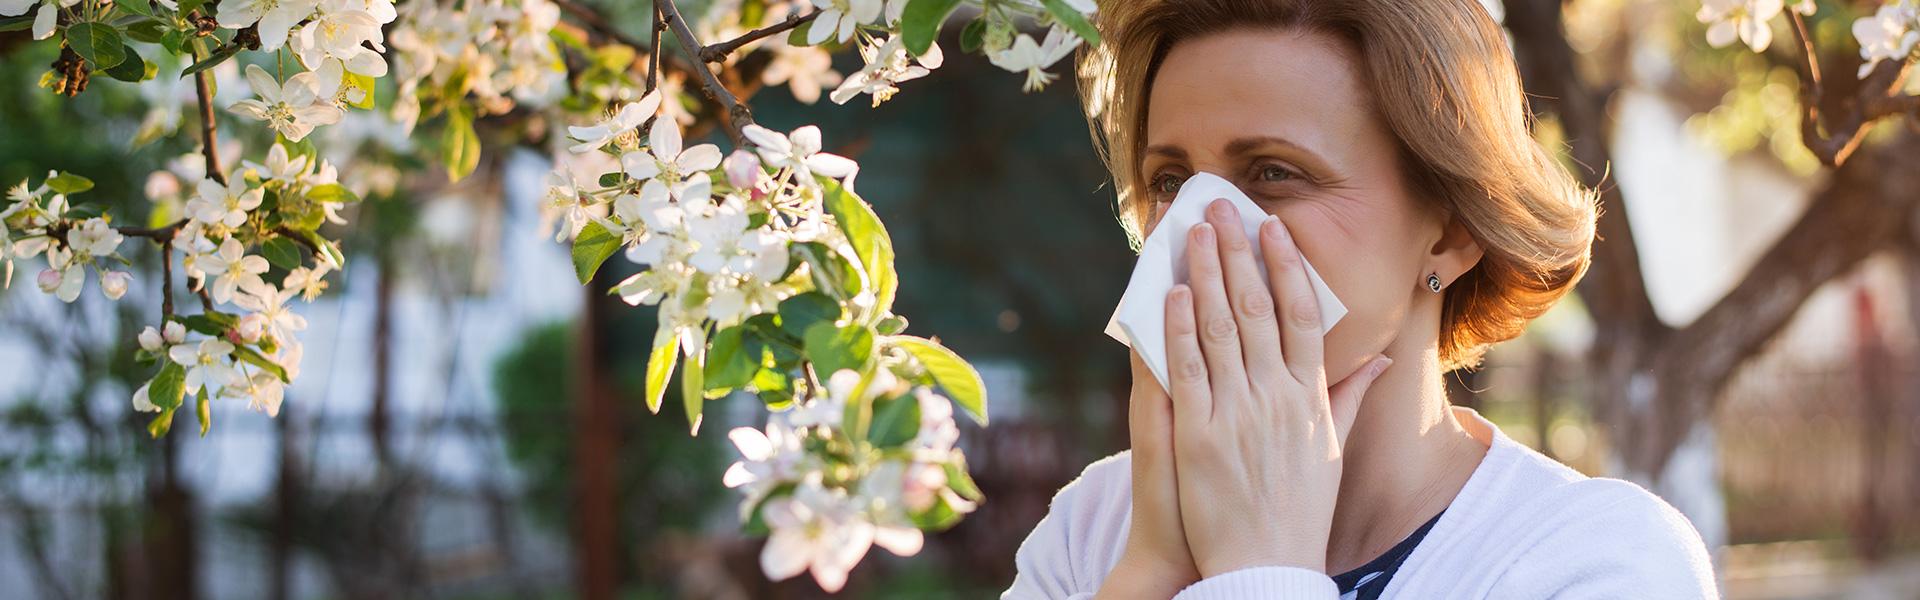 Raz, dwa, trzy- jutro alergię będziesz miał Ty!